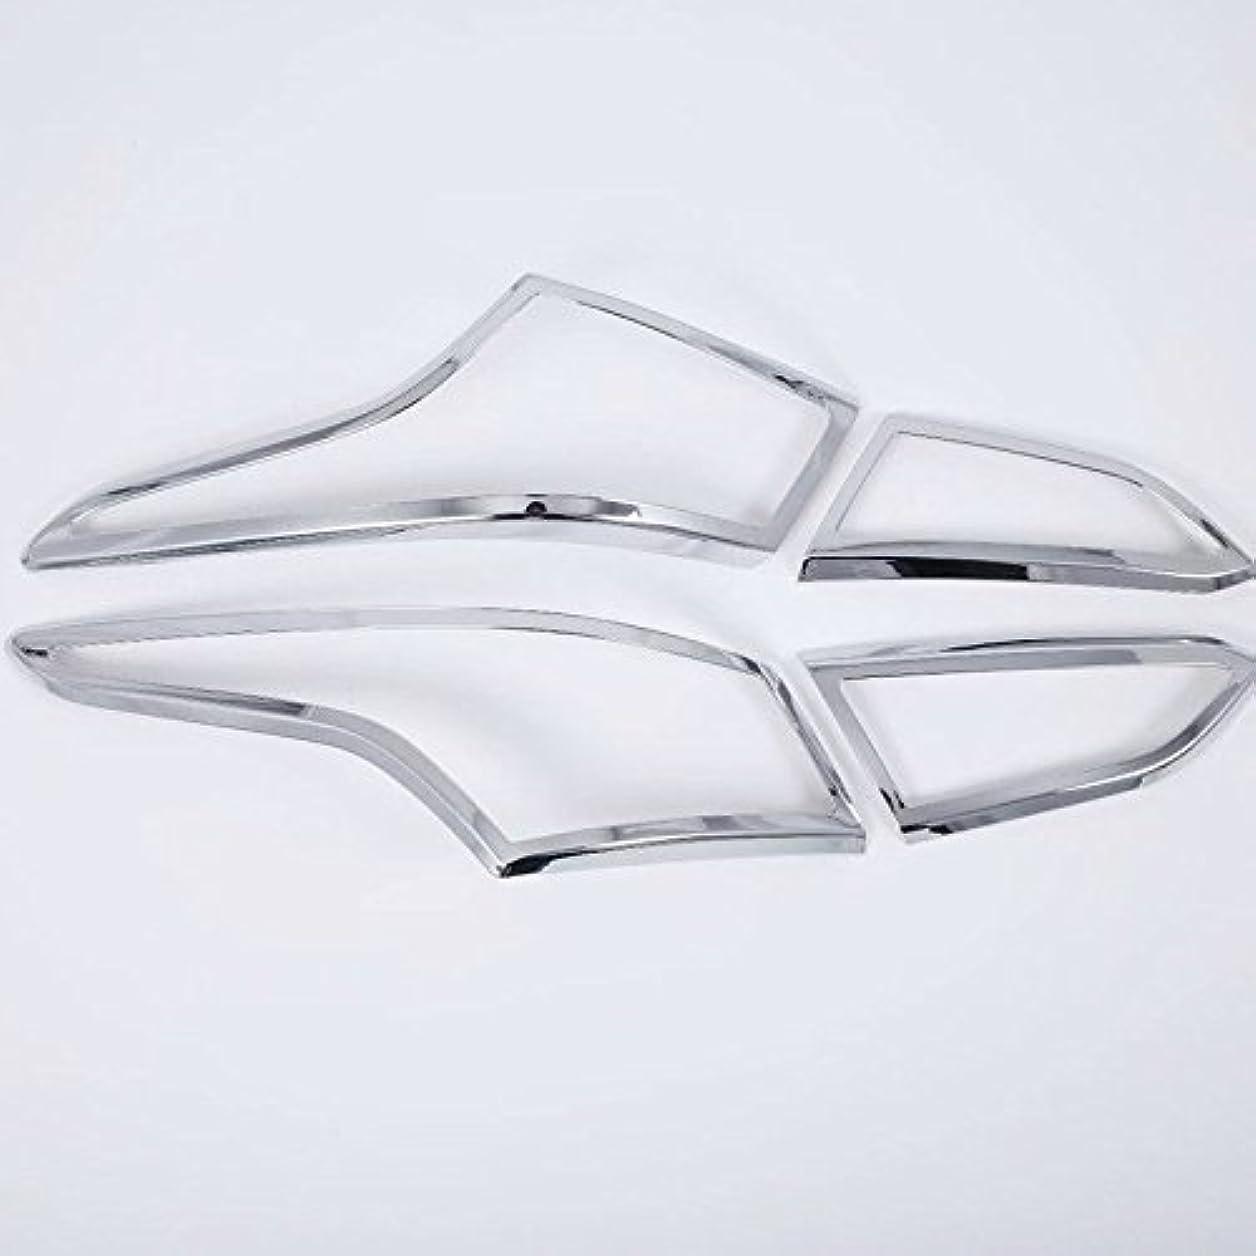 山積みの拳すすり泣きJicorzo - 現代アクセントのSolaris Vernaで2018-2019カーエクステリアアクセサリースタイリングABS車のリアテールライトランプカバートリムステッカー4本